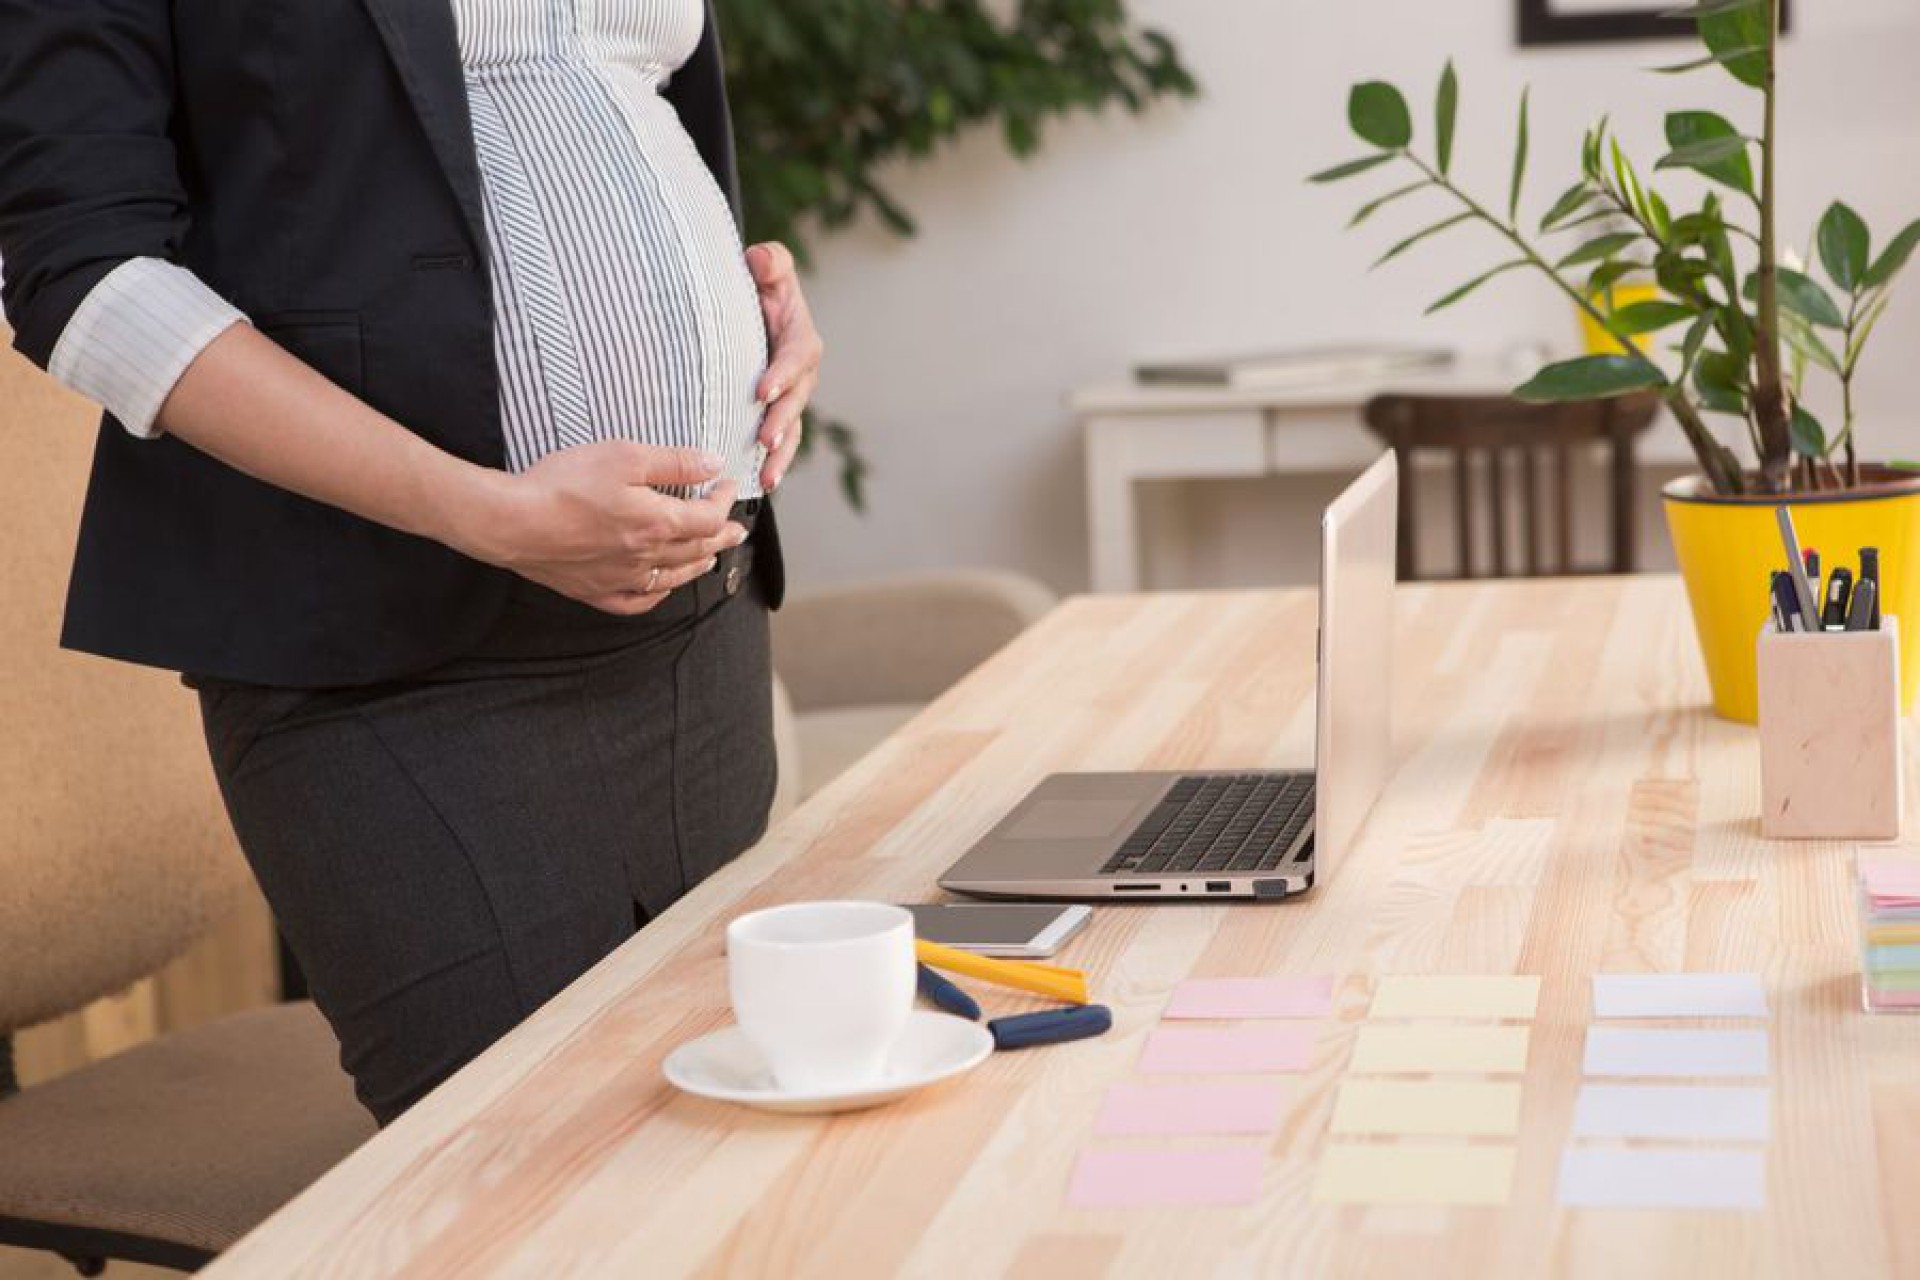 Kobiety w ciąży mają prawo do płatnych przerw